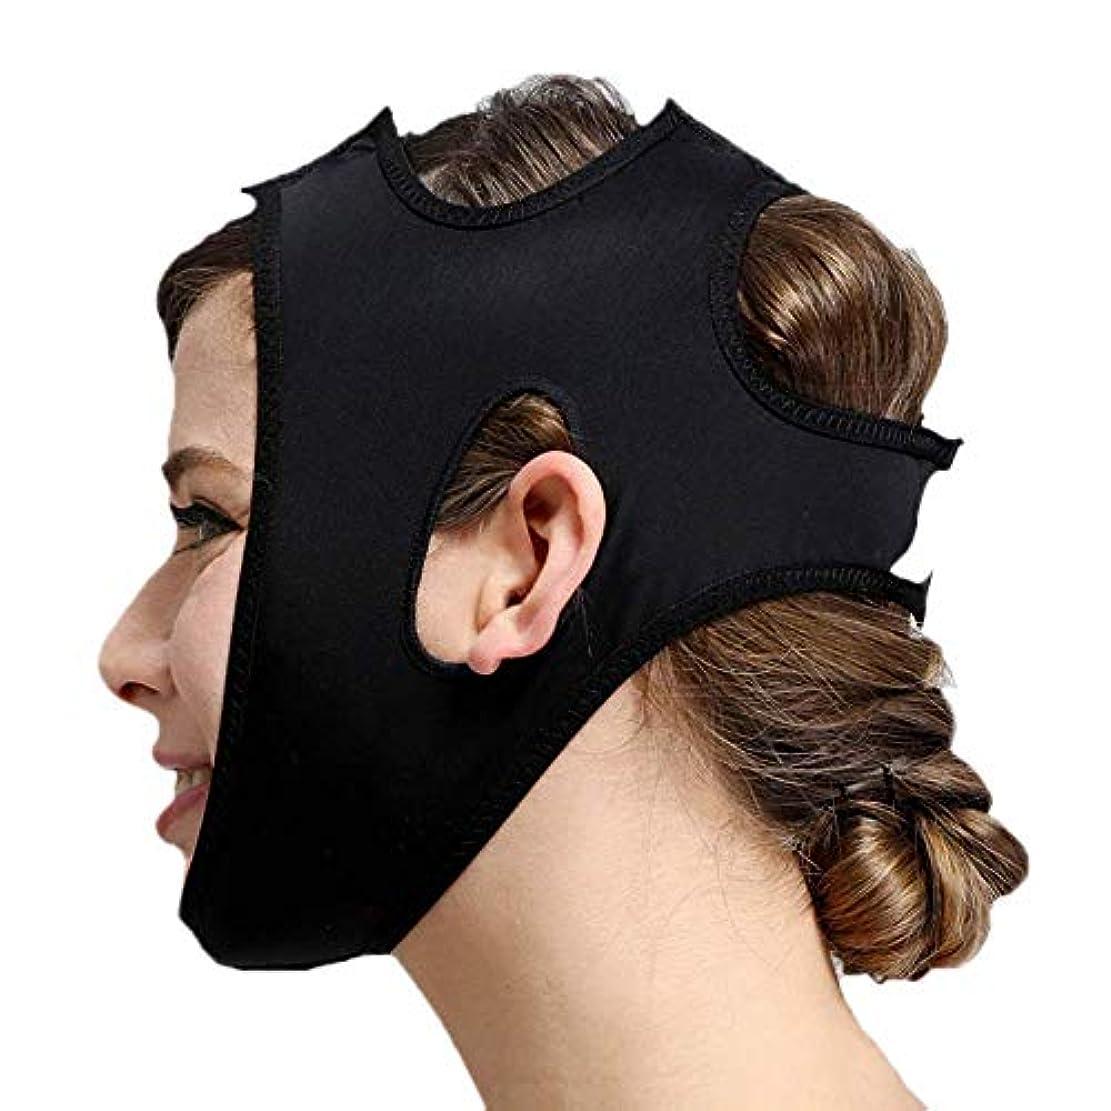 並外れた現像病フェイススリミングマスク、快適さと通気性、フェイシャルリフティング、輪郭の改善された硬さ、ファーミングとリフティングフェイス(カラー:ブラック、サイズ:XL),ブラック、XL